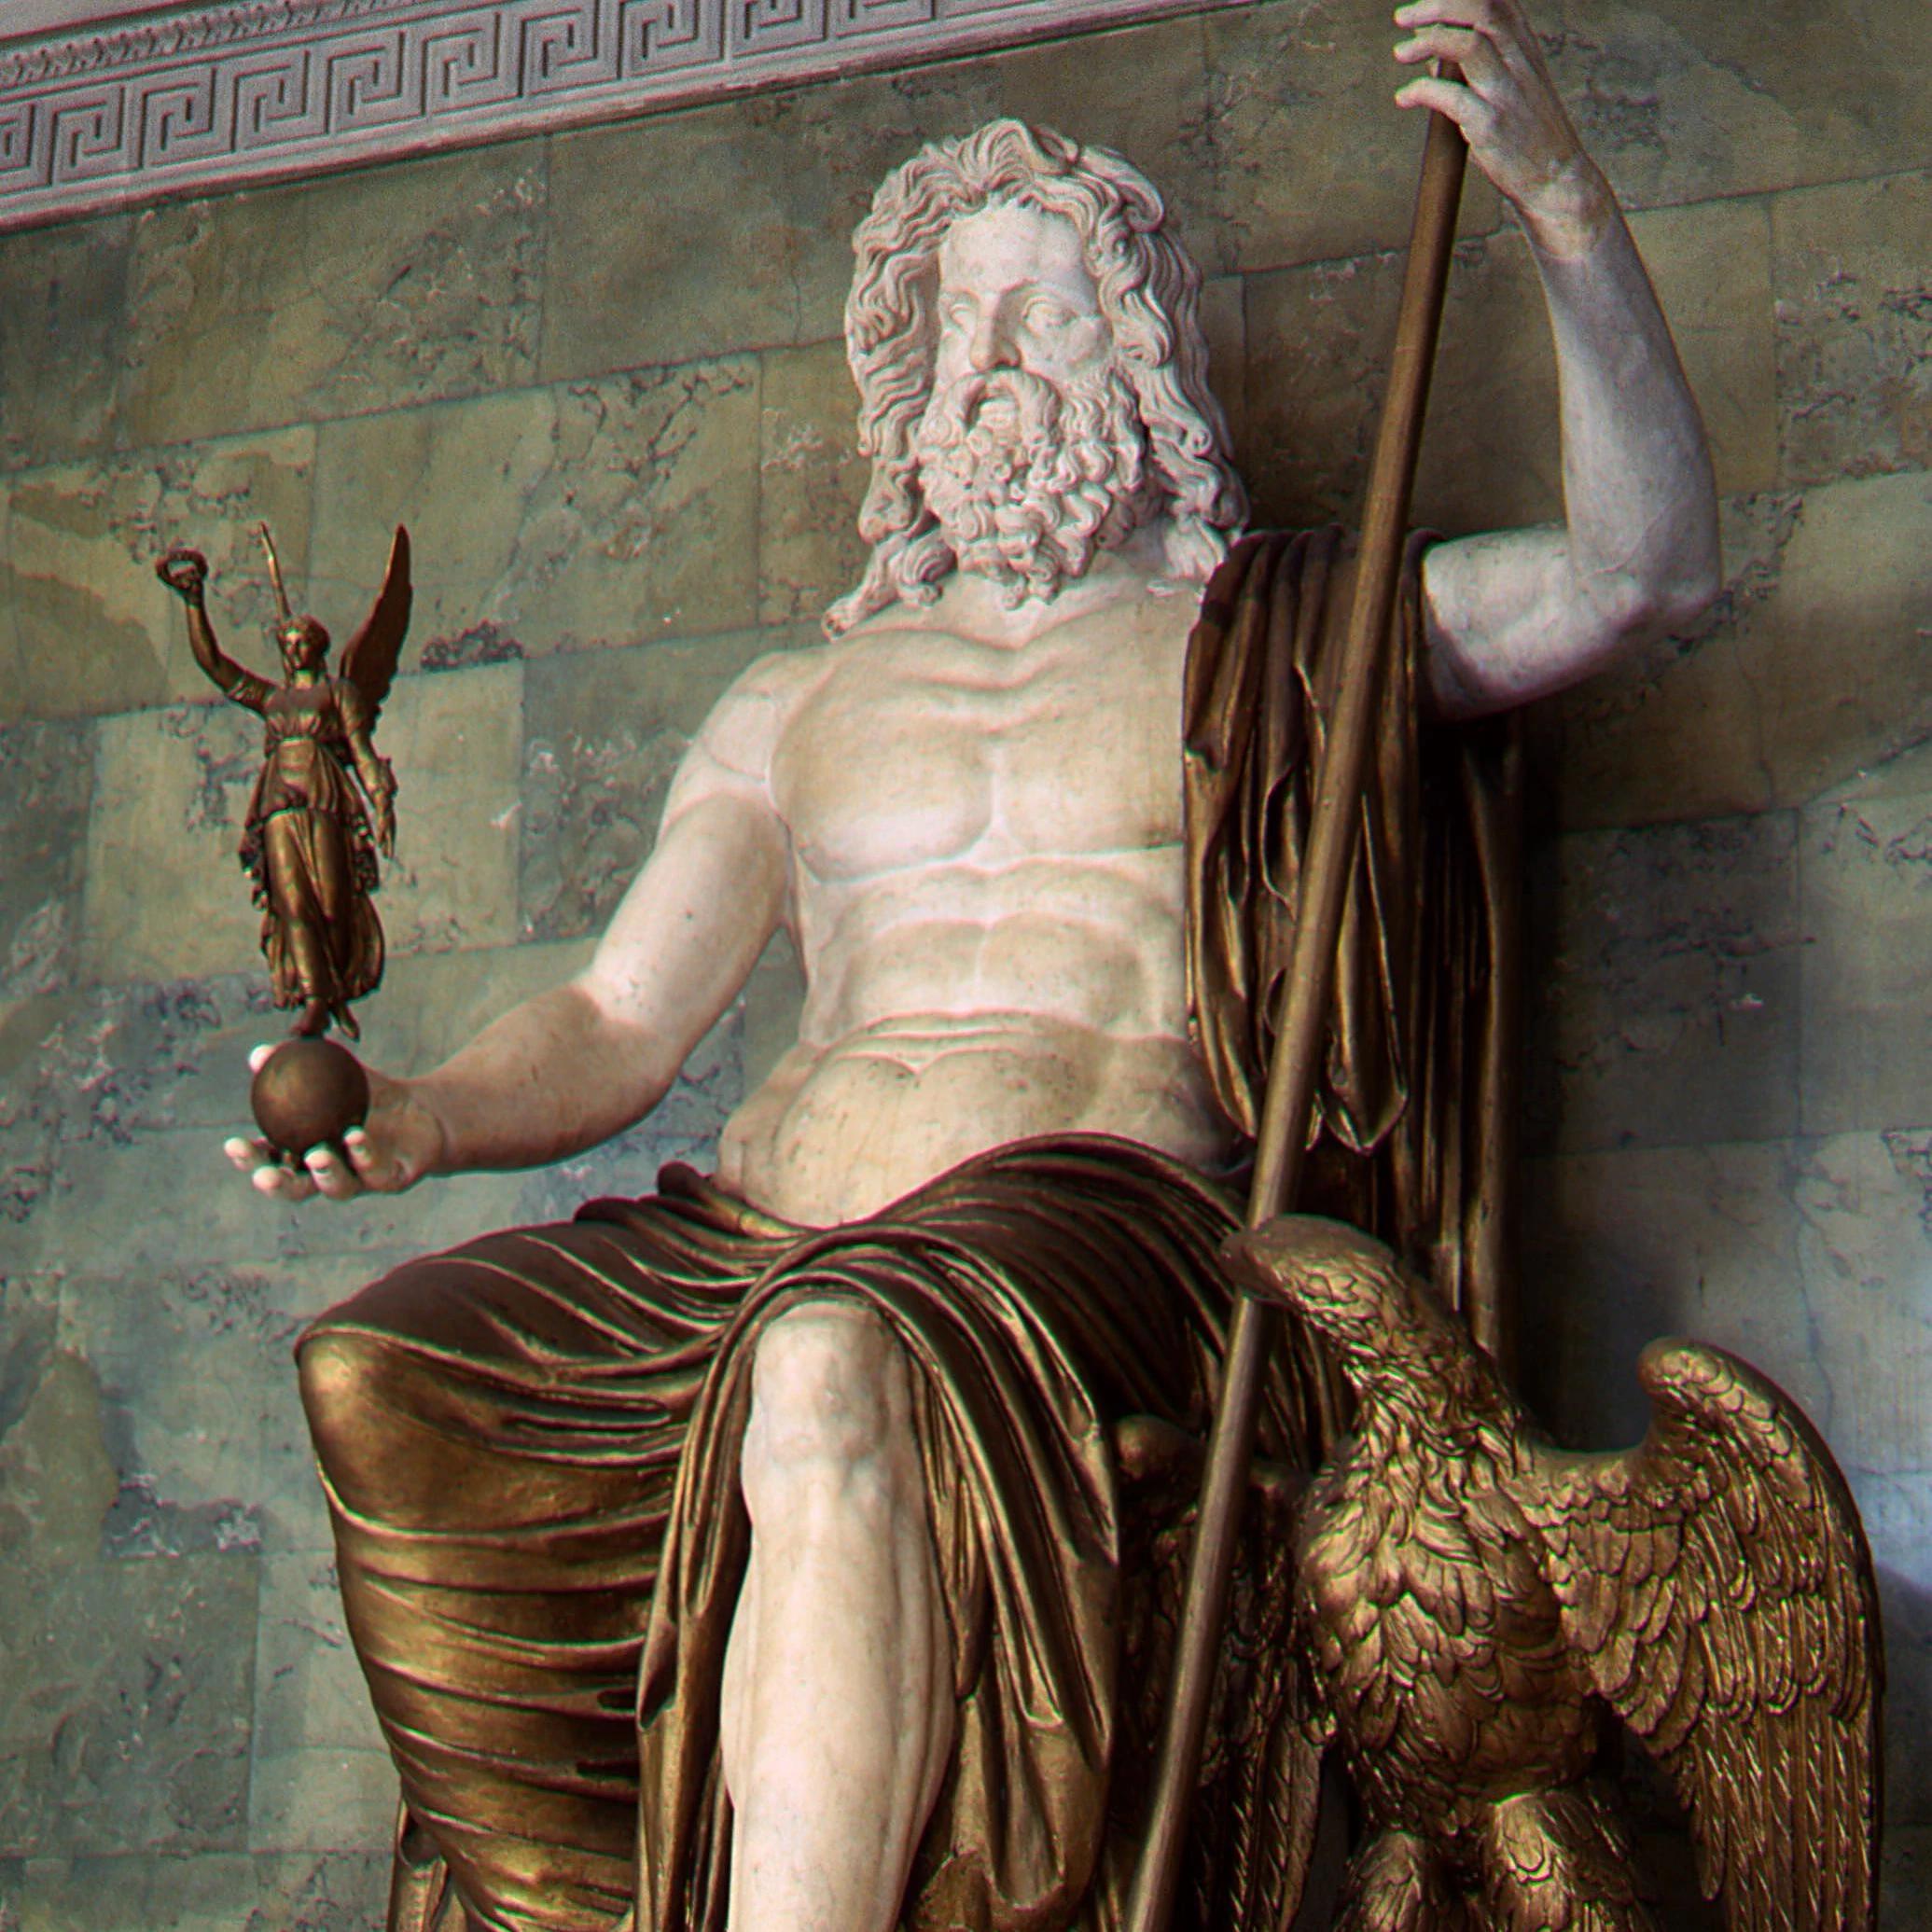 Атрибуты -- это вещи и предметы, являющиеся неотъемлемой частью богов и мифологических персонажей. Эти вещи и предметы обдадают сверхъественными способностями или служат источником таких способностей для своих обладателей.